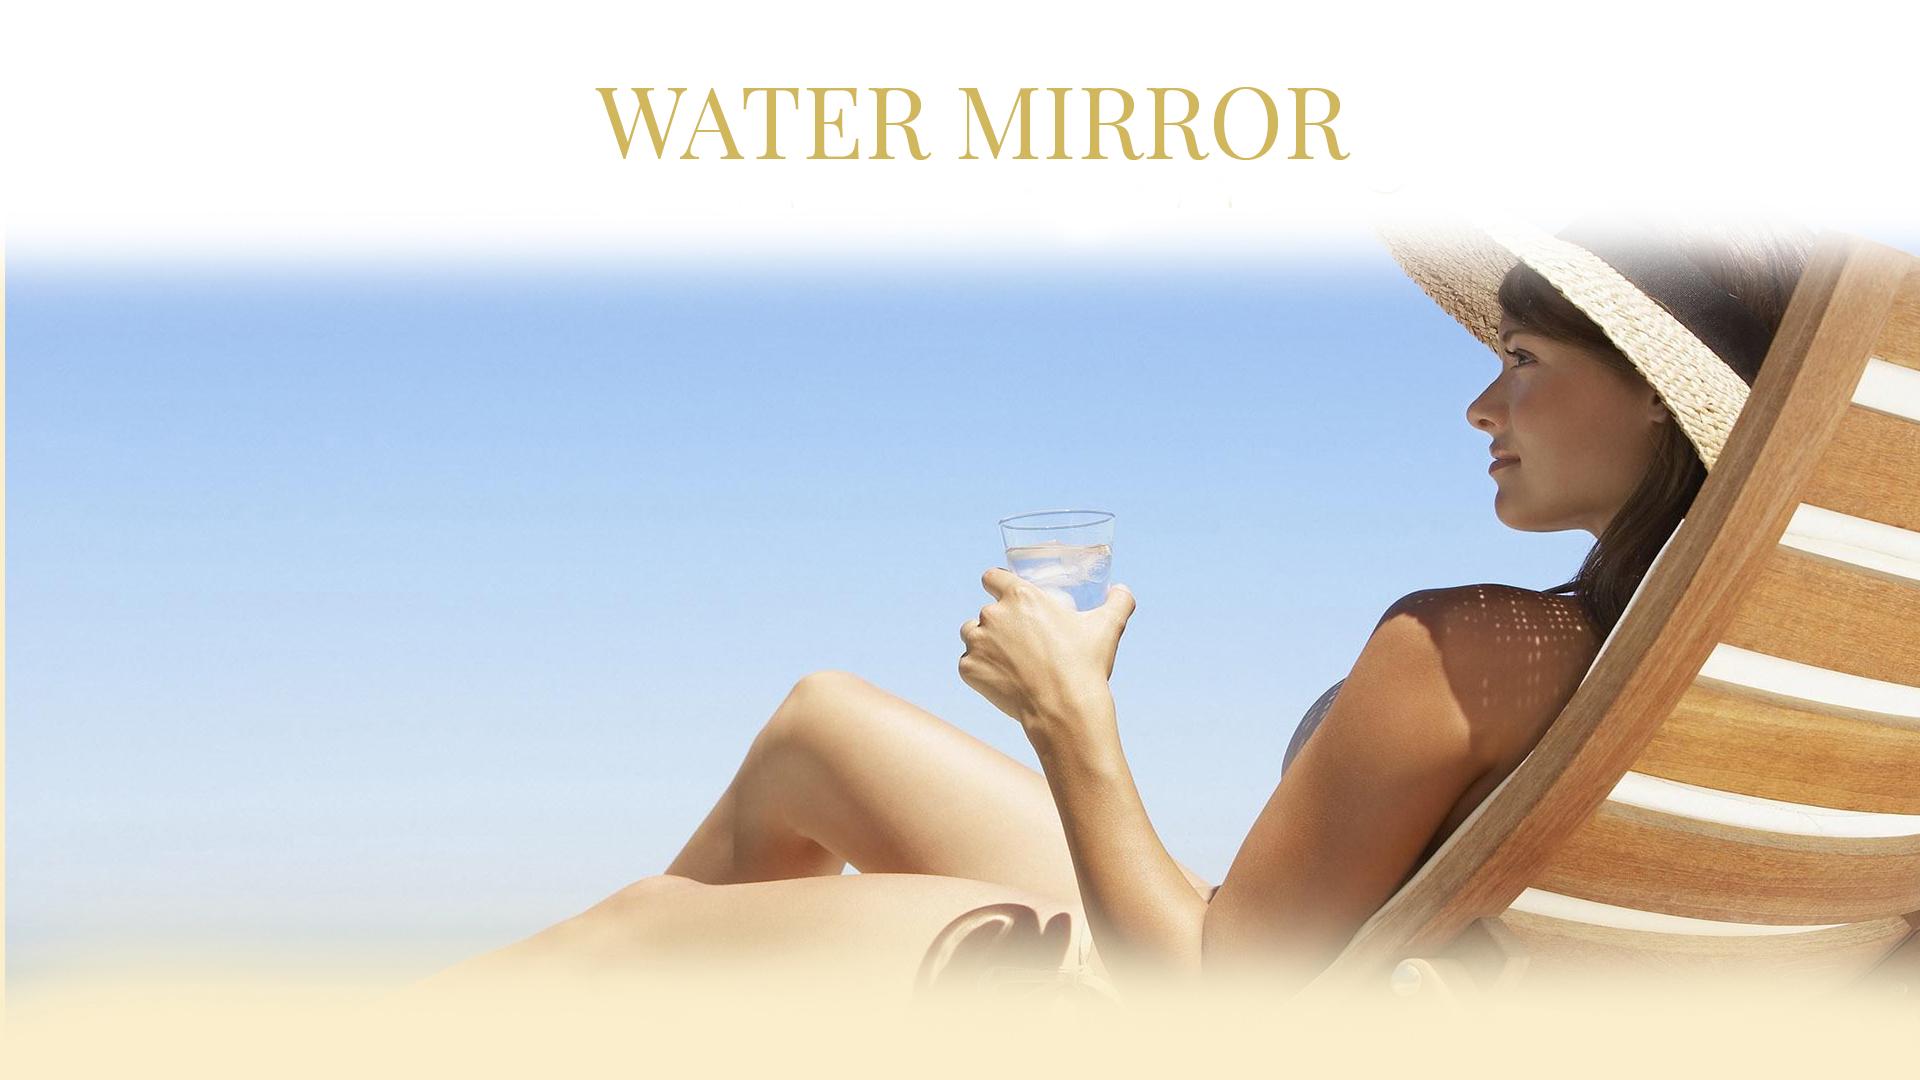 vodno-ogledalo-spa